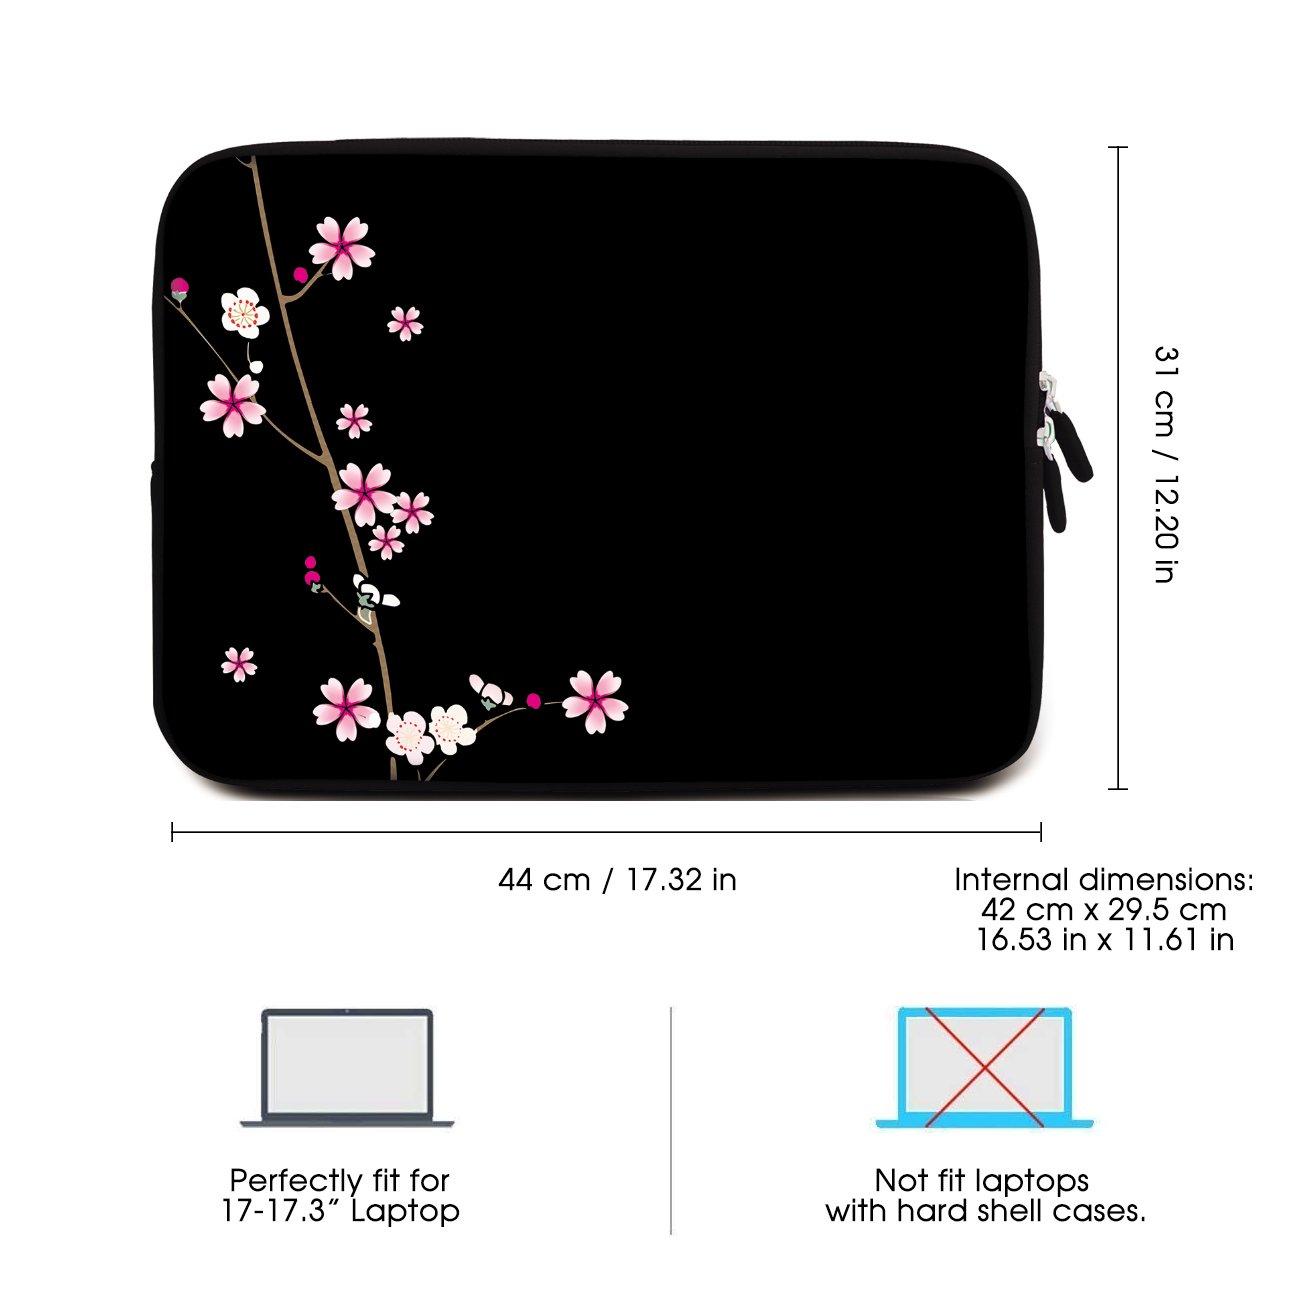 3 Layer Waterproof Sidorenko 17-17.3 Inch Laptop Sleeve Neoprene Notebook Computer Case With Durable Zipper 42 Prints